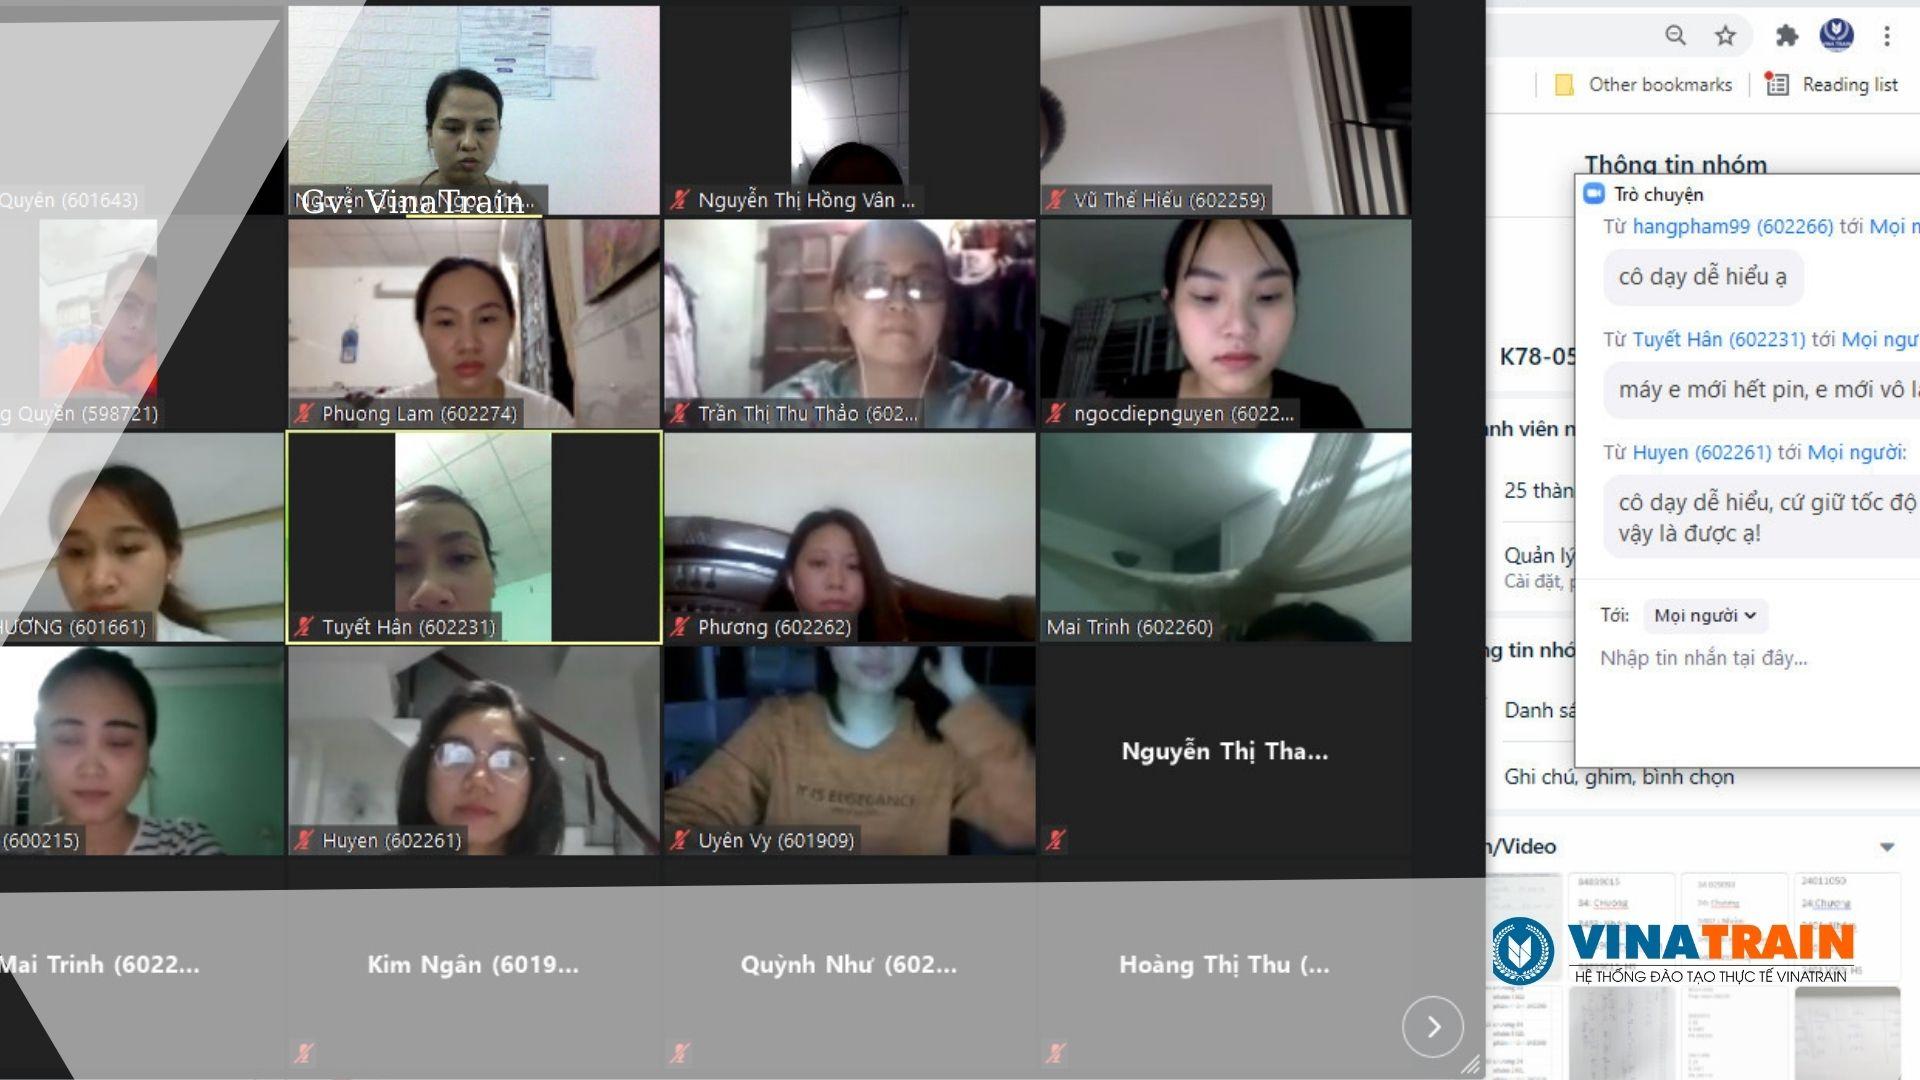 Hình ảnh khóa học logistics online tại VinaTrain